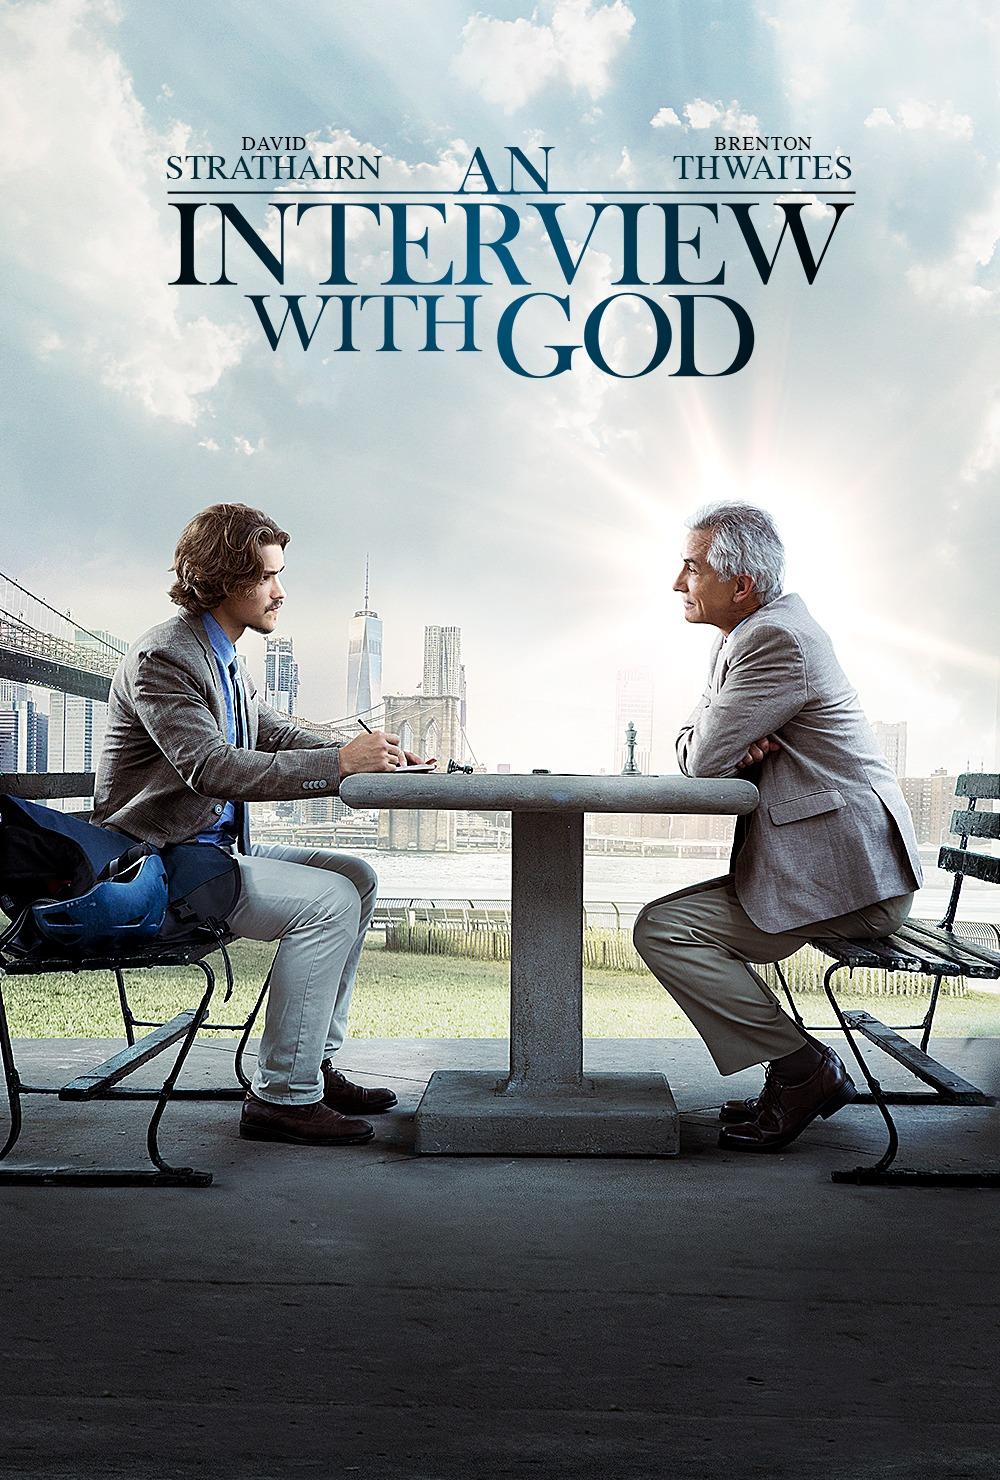 an-interview-with-god-poster-5528a64454a5f3da377d9bcda64cc75f